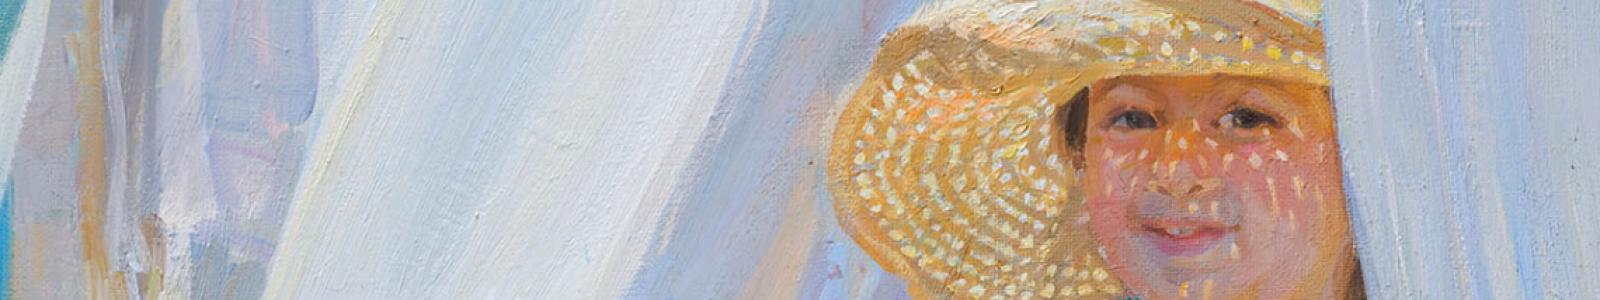 Gallery Painter Victoriia Kharchenko